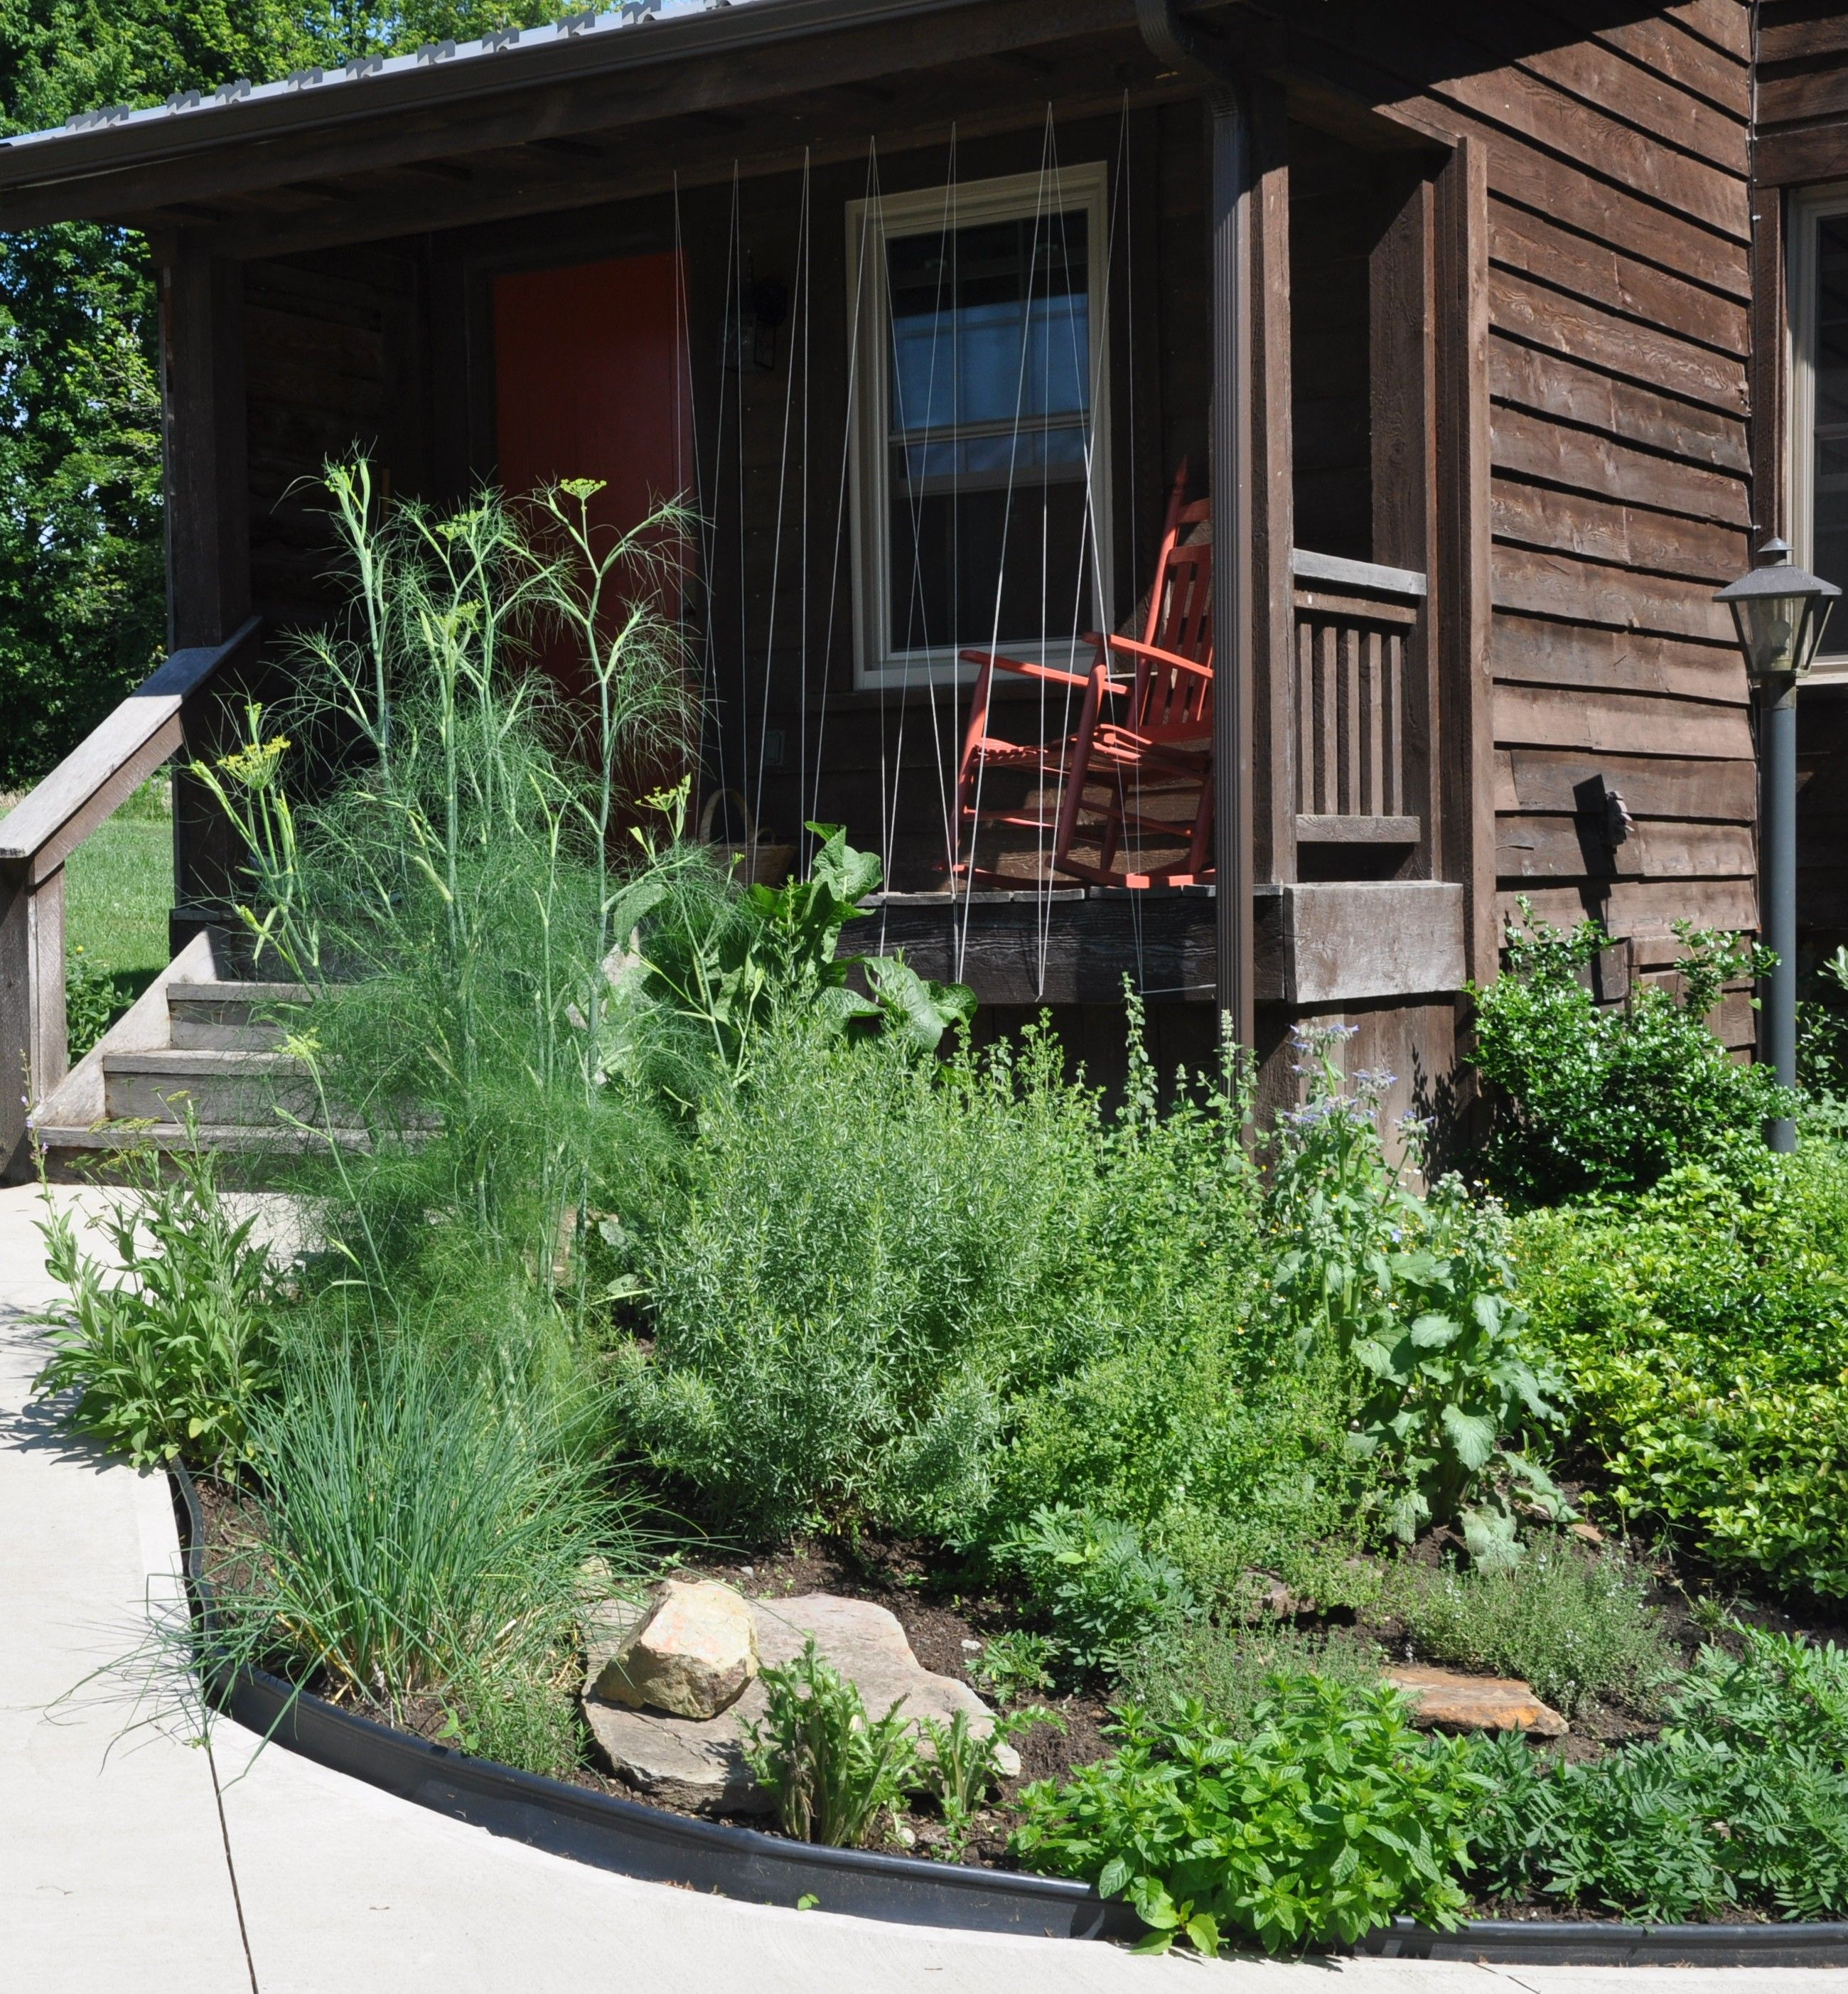 Kitchen Herb Garden Design: Kitchen Herb Garden. Granny Miller Journal Of Agrarian